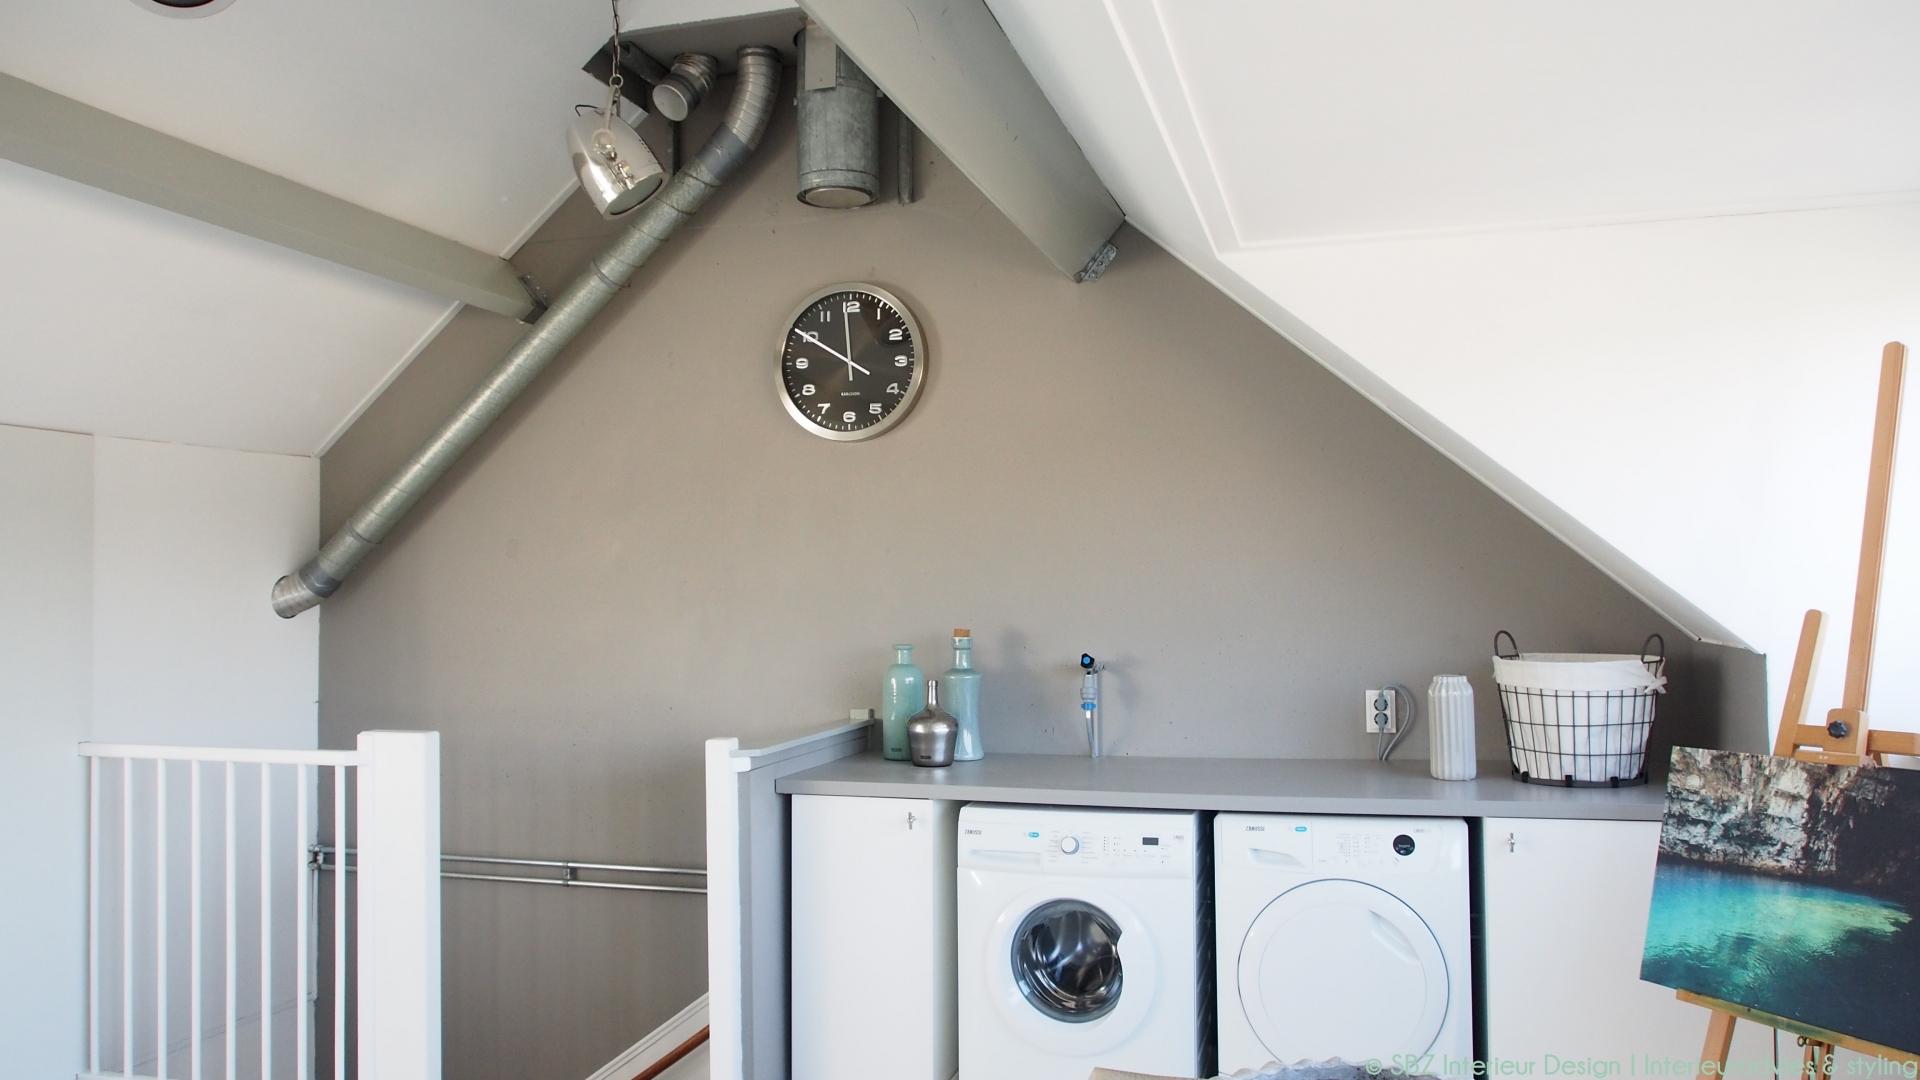 Interieur inspiratie voor inrichten van de wasruimte for Interieur styling